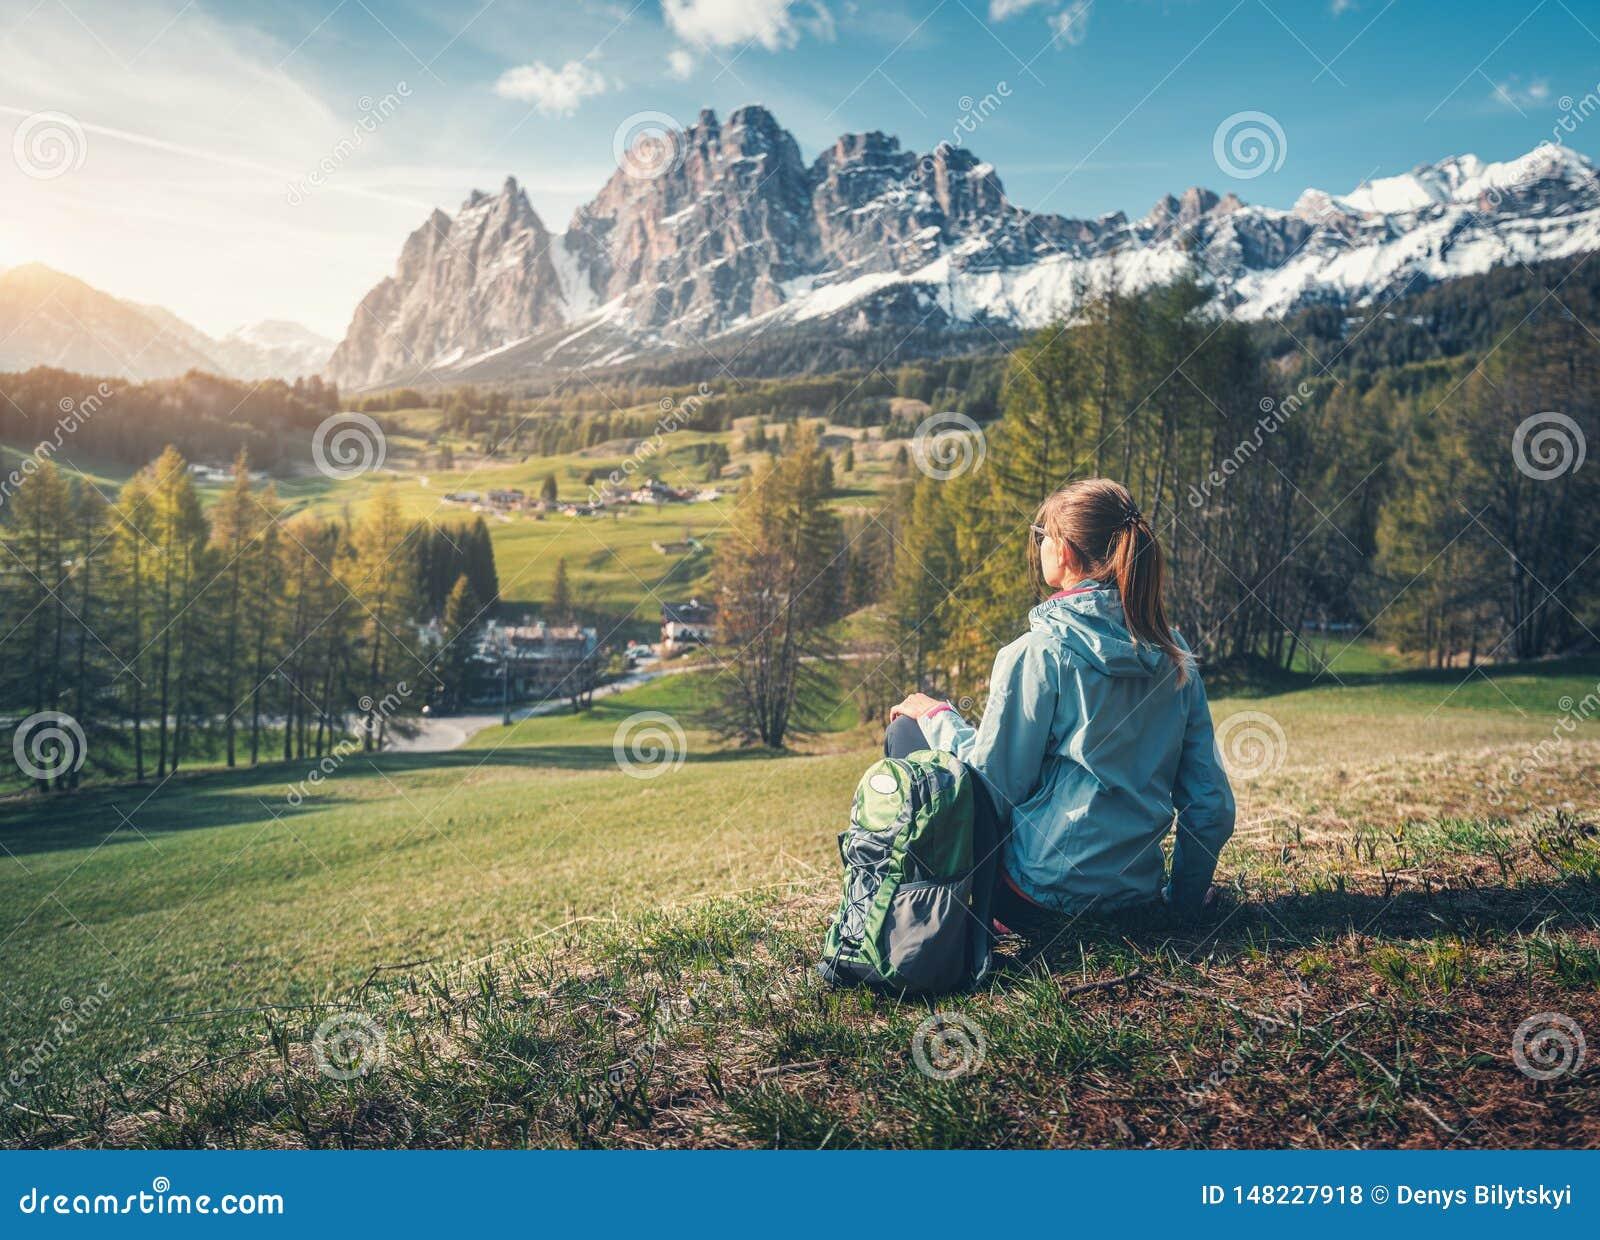 Красивая молодая женщина с рюкзаком сидит на холме